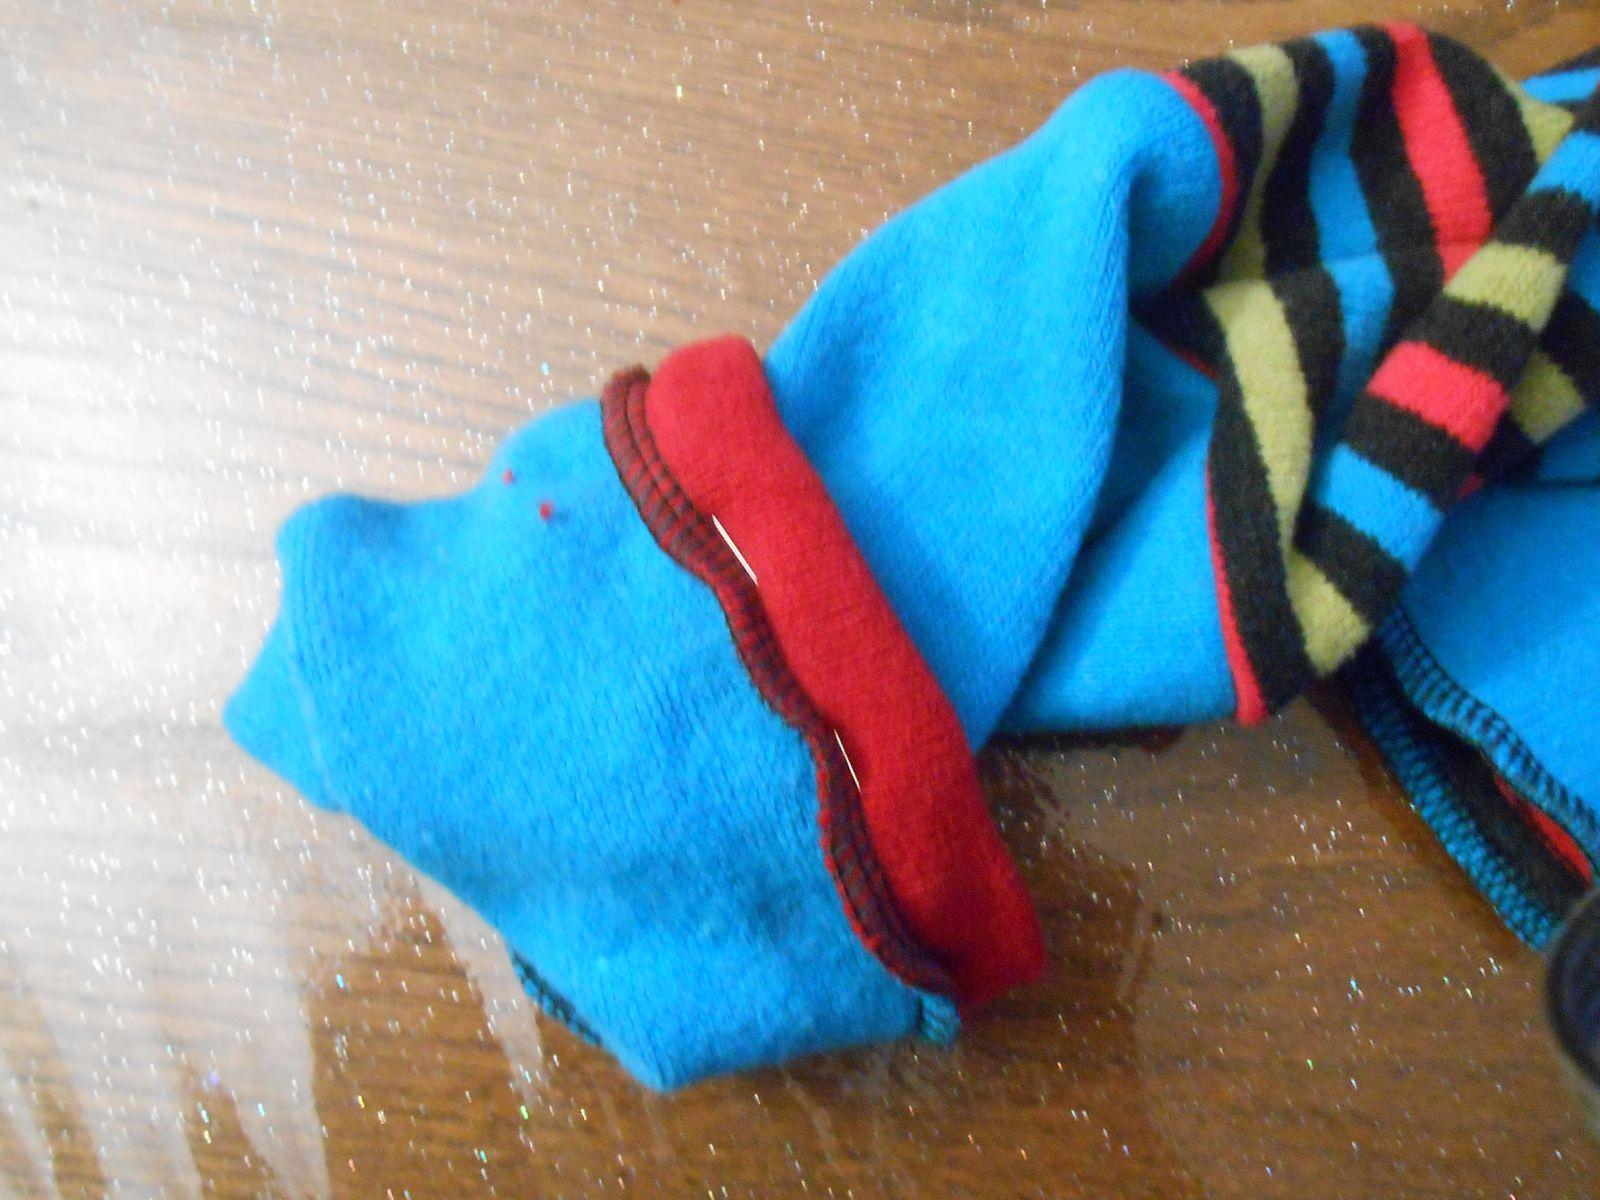 Coudre la bande, l'envers de cette bande contre l'endroit du tissu. Déplier le tout et plier en deux (comme sur ma photo avec les aiguilles). Coudre ensuite au niveau de ces aiguilles, à ras de la couture des deux tissus. La dernière photo montre l'envers du vêtement avant couture.